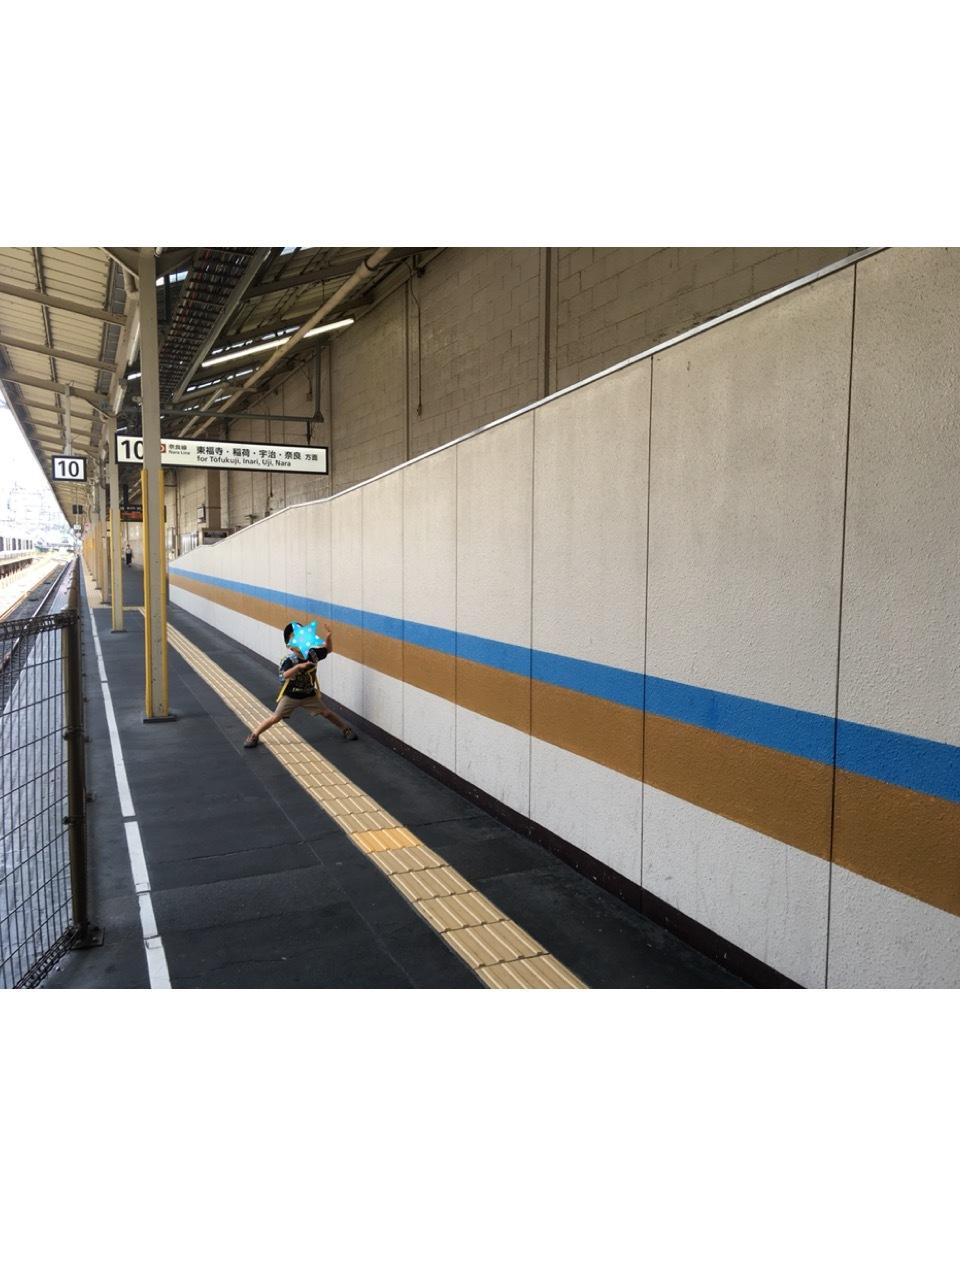 東海道新幹線に乗っていざ京都へ!  *夏休み京都鉄道旅①*_d0367998_10571659.jpeg